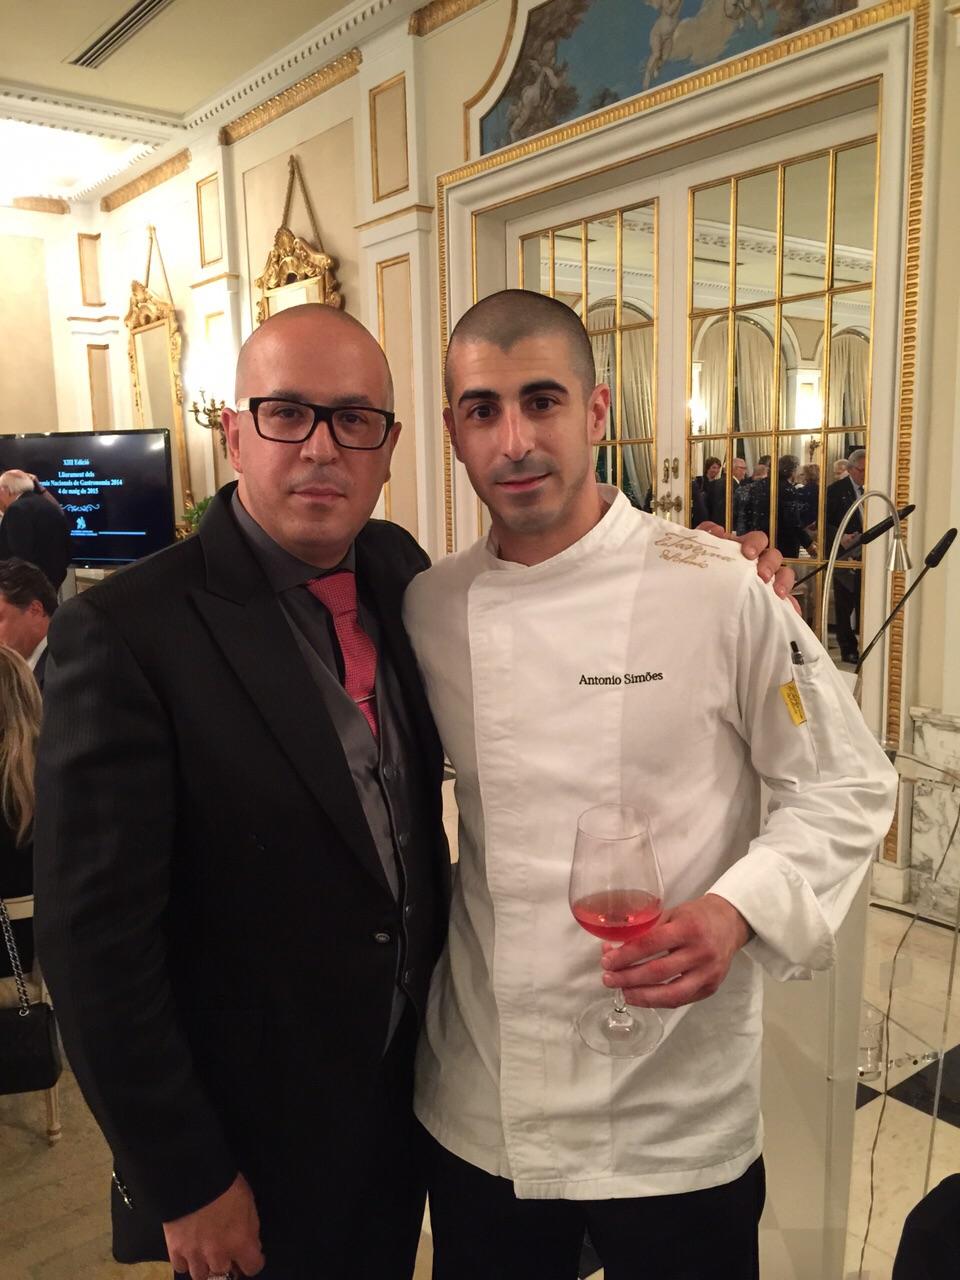 Manuel y Antonio Simôes en la Gala #MejorCocineroJoven2014